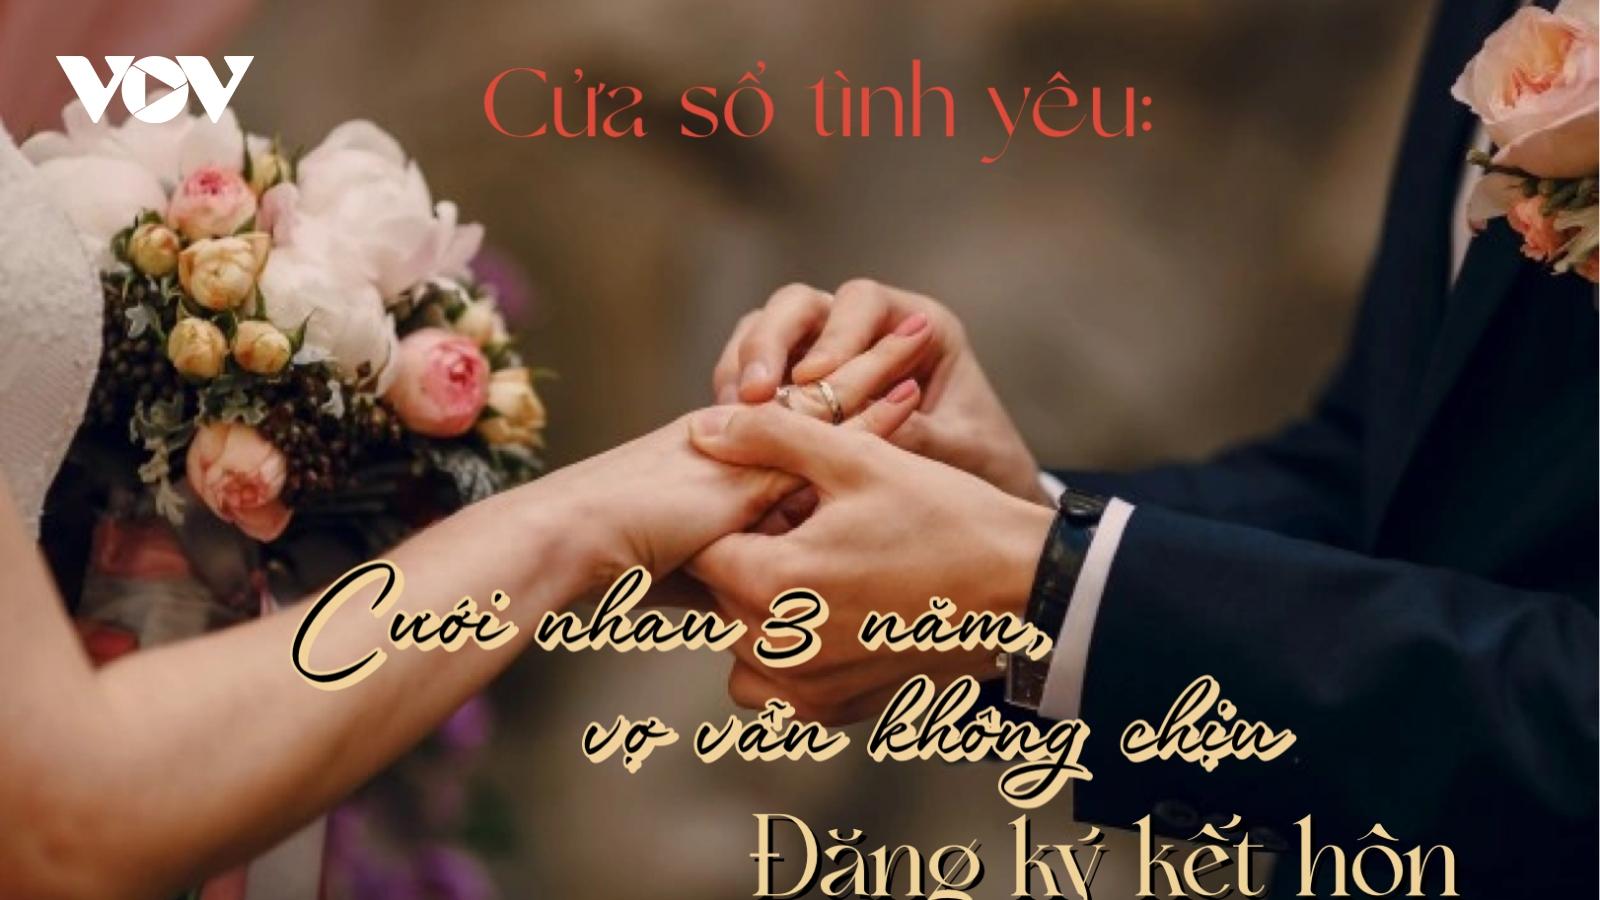 Cưới nhau 3 năm, vợ vẫn không chịu đăng ký kết hôn